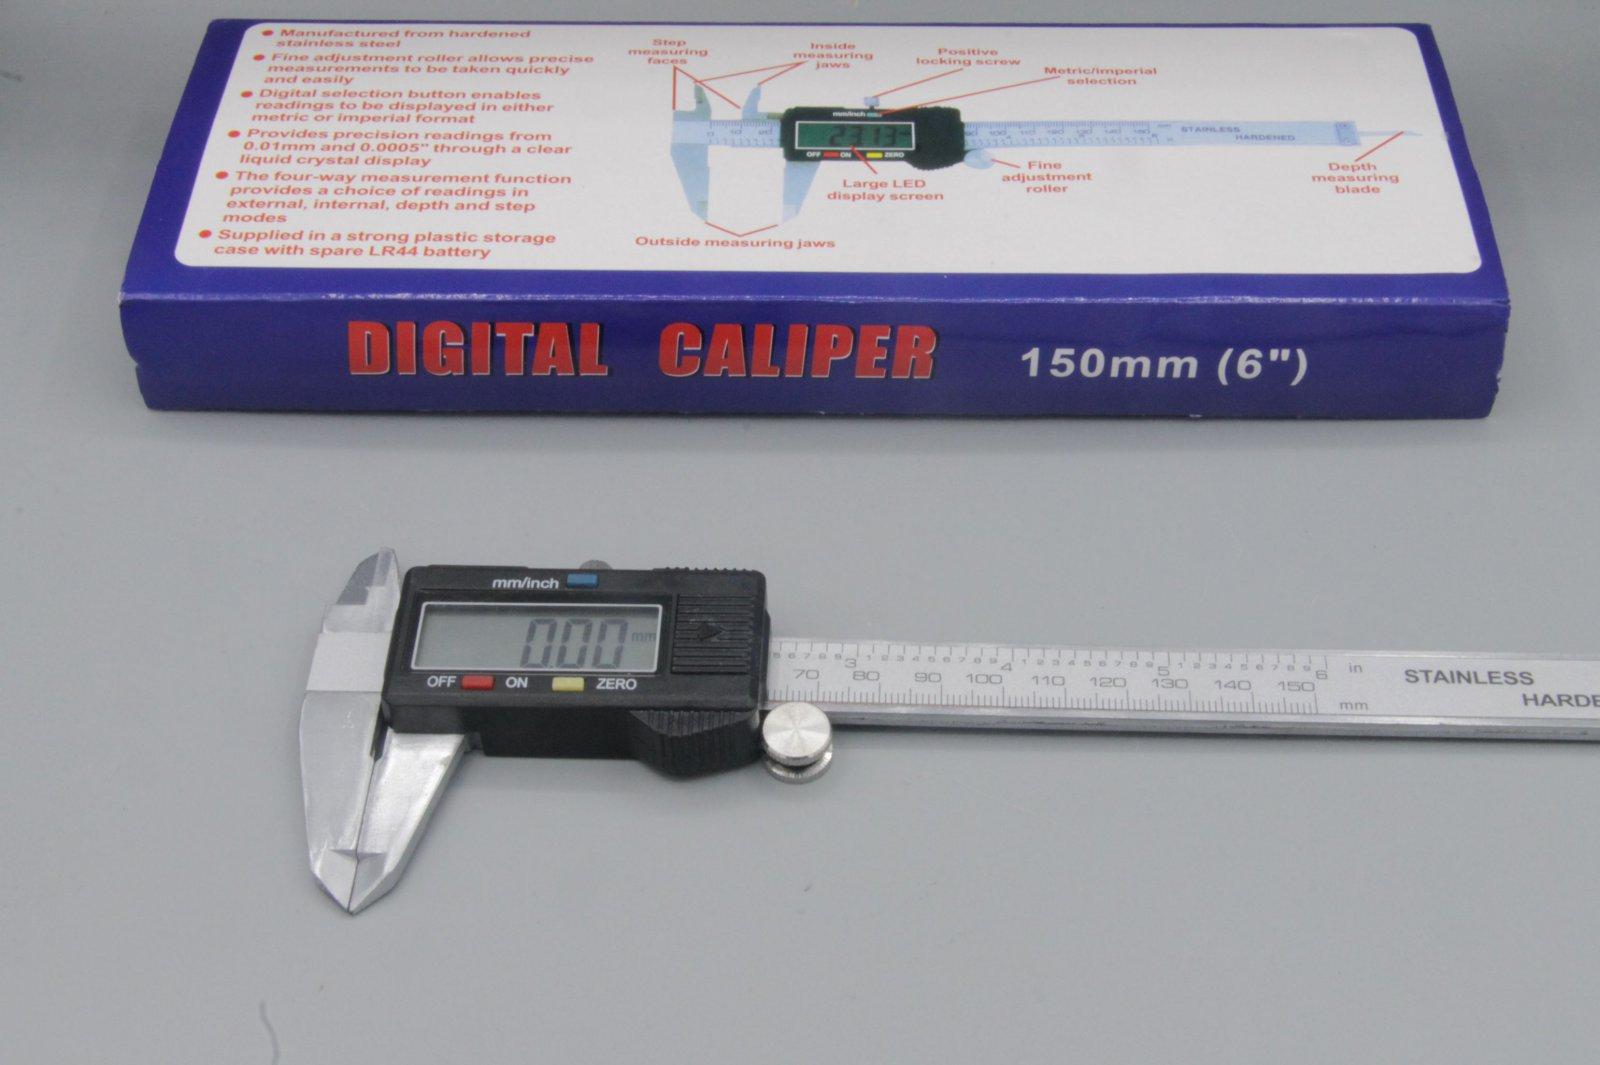 digitale Schieblehre MS-150, Messschieber 150mm, LC-Display, mm/inch-Anzeige NEU